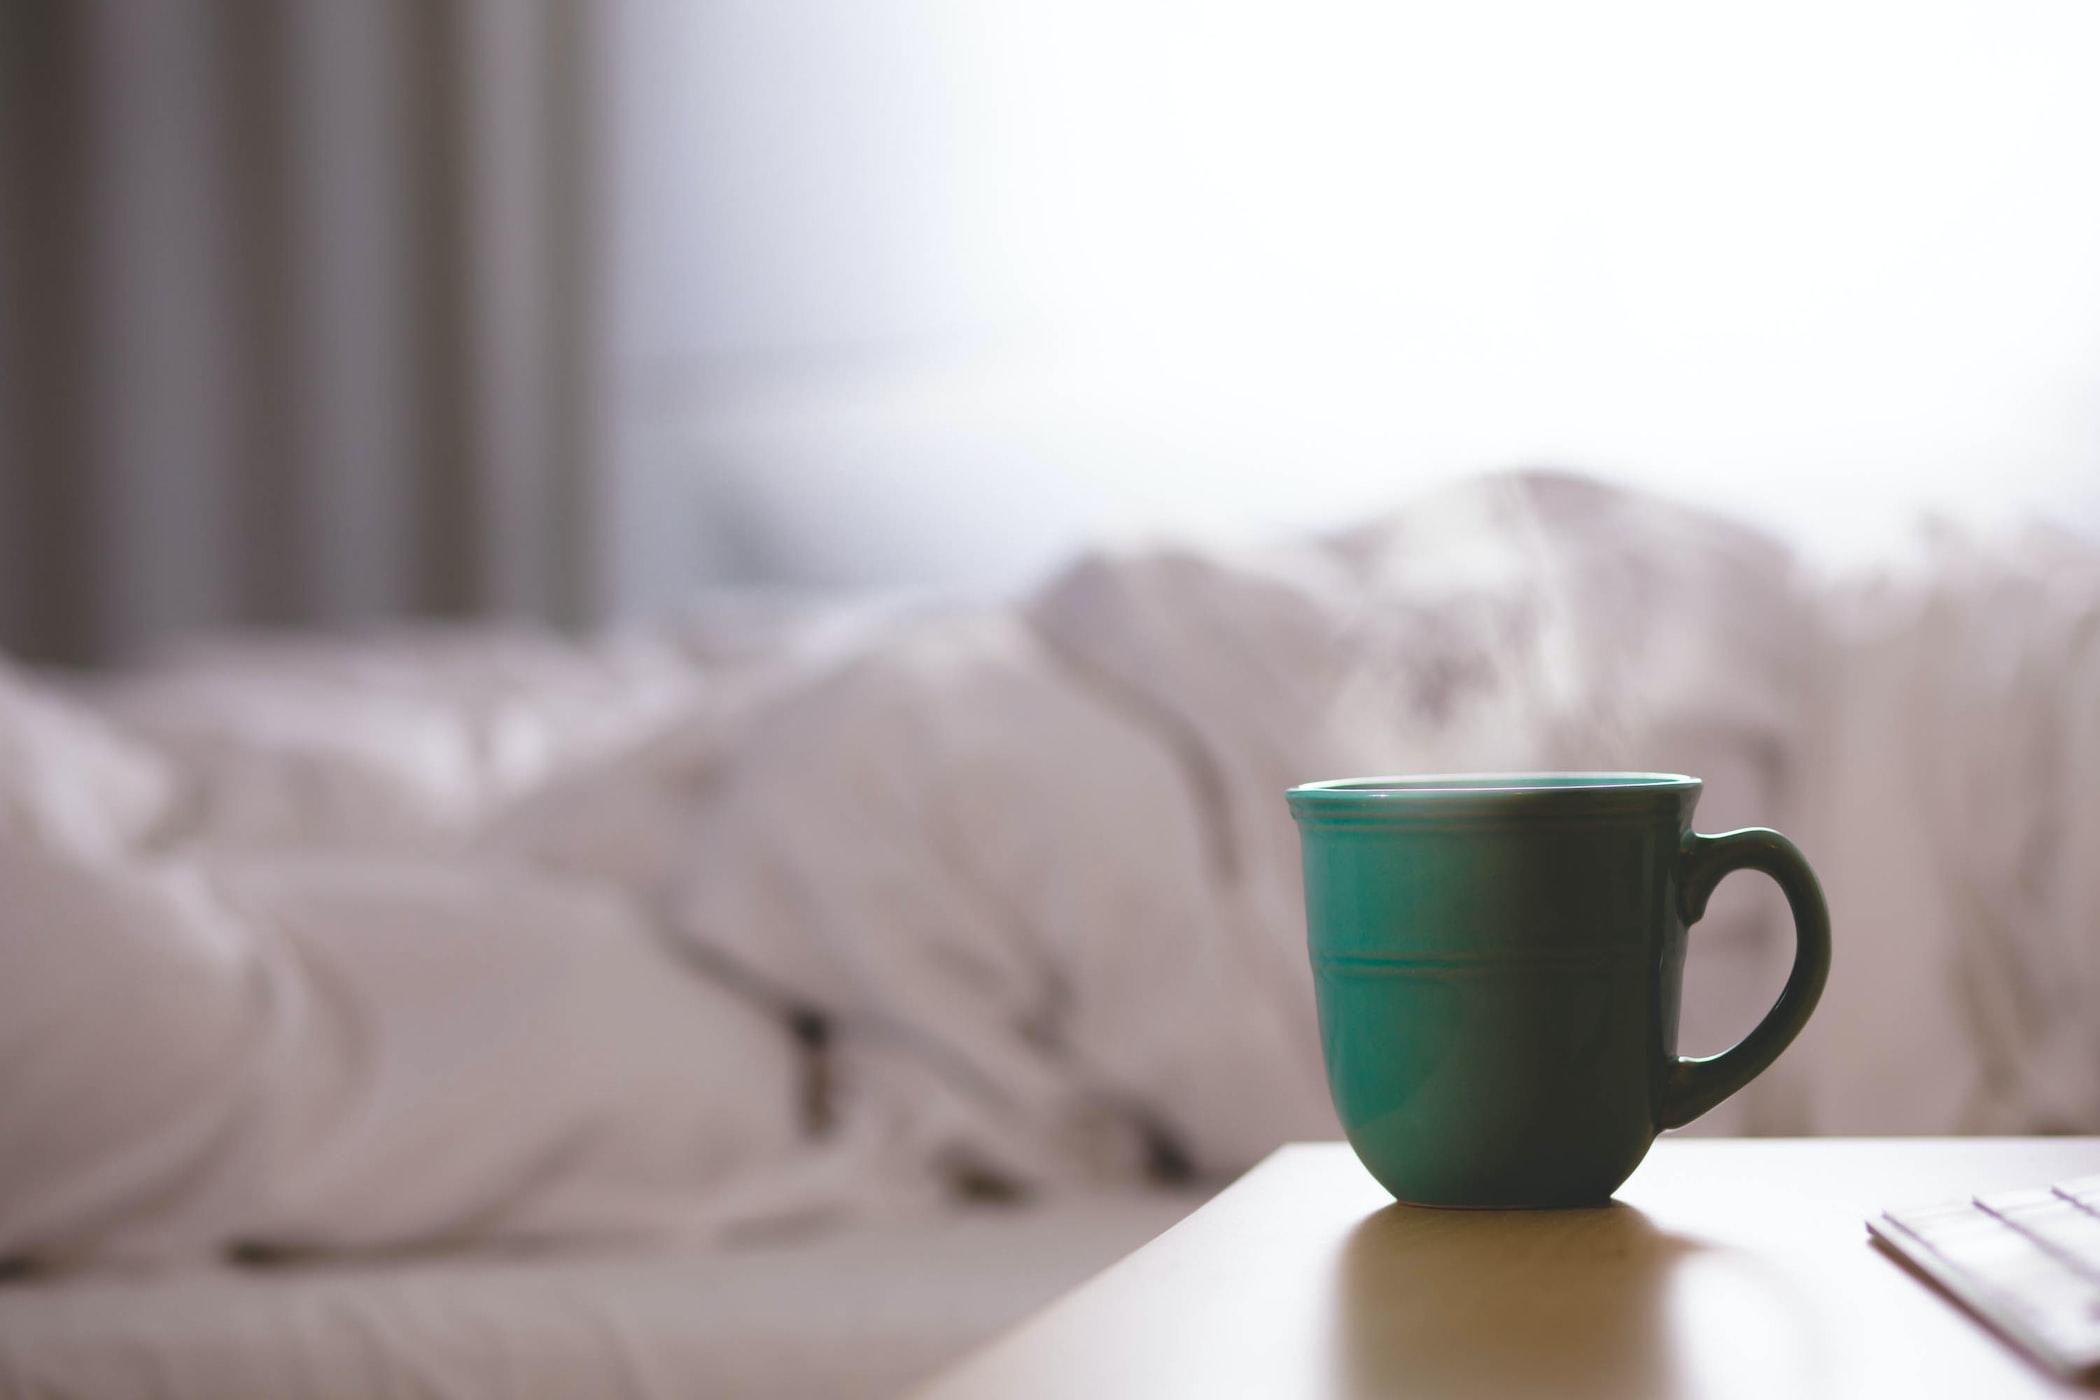 家で勉強に集中する方法『生活リズムを整える』